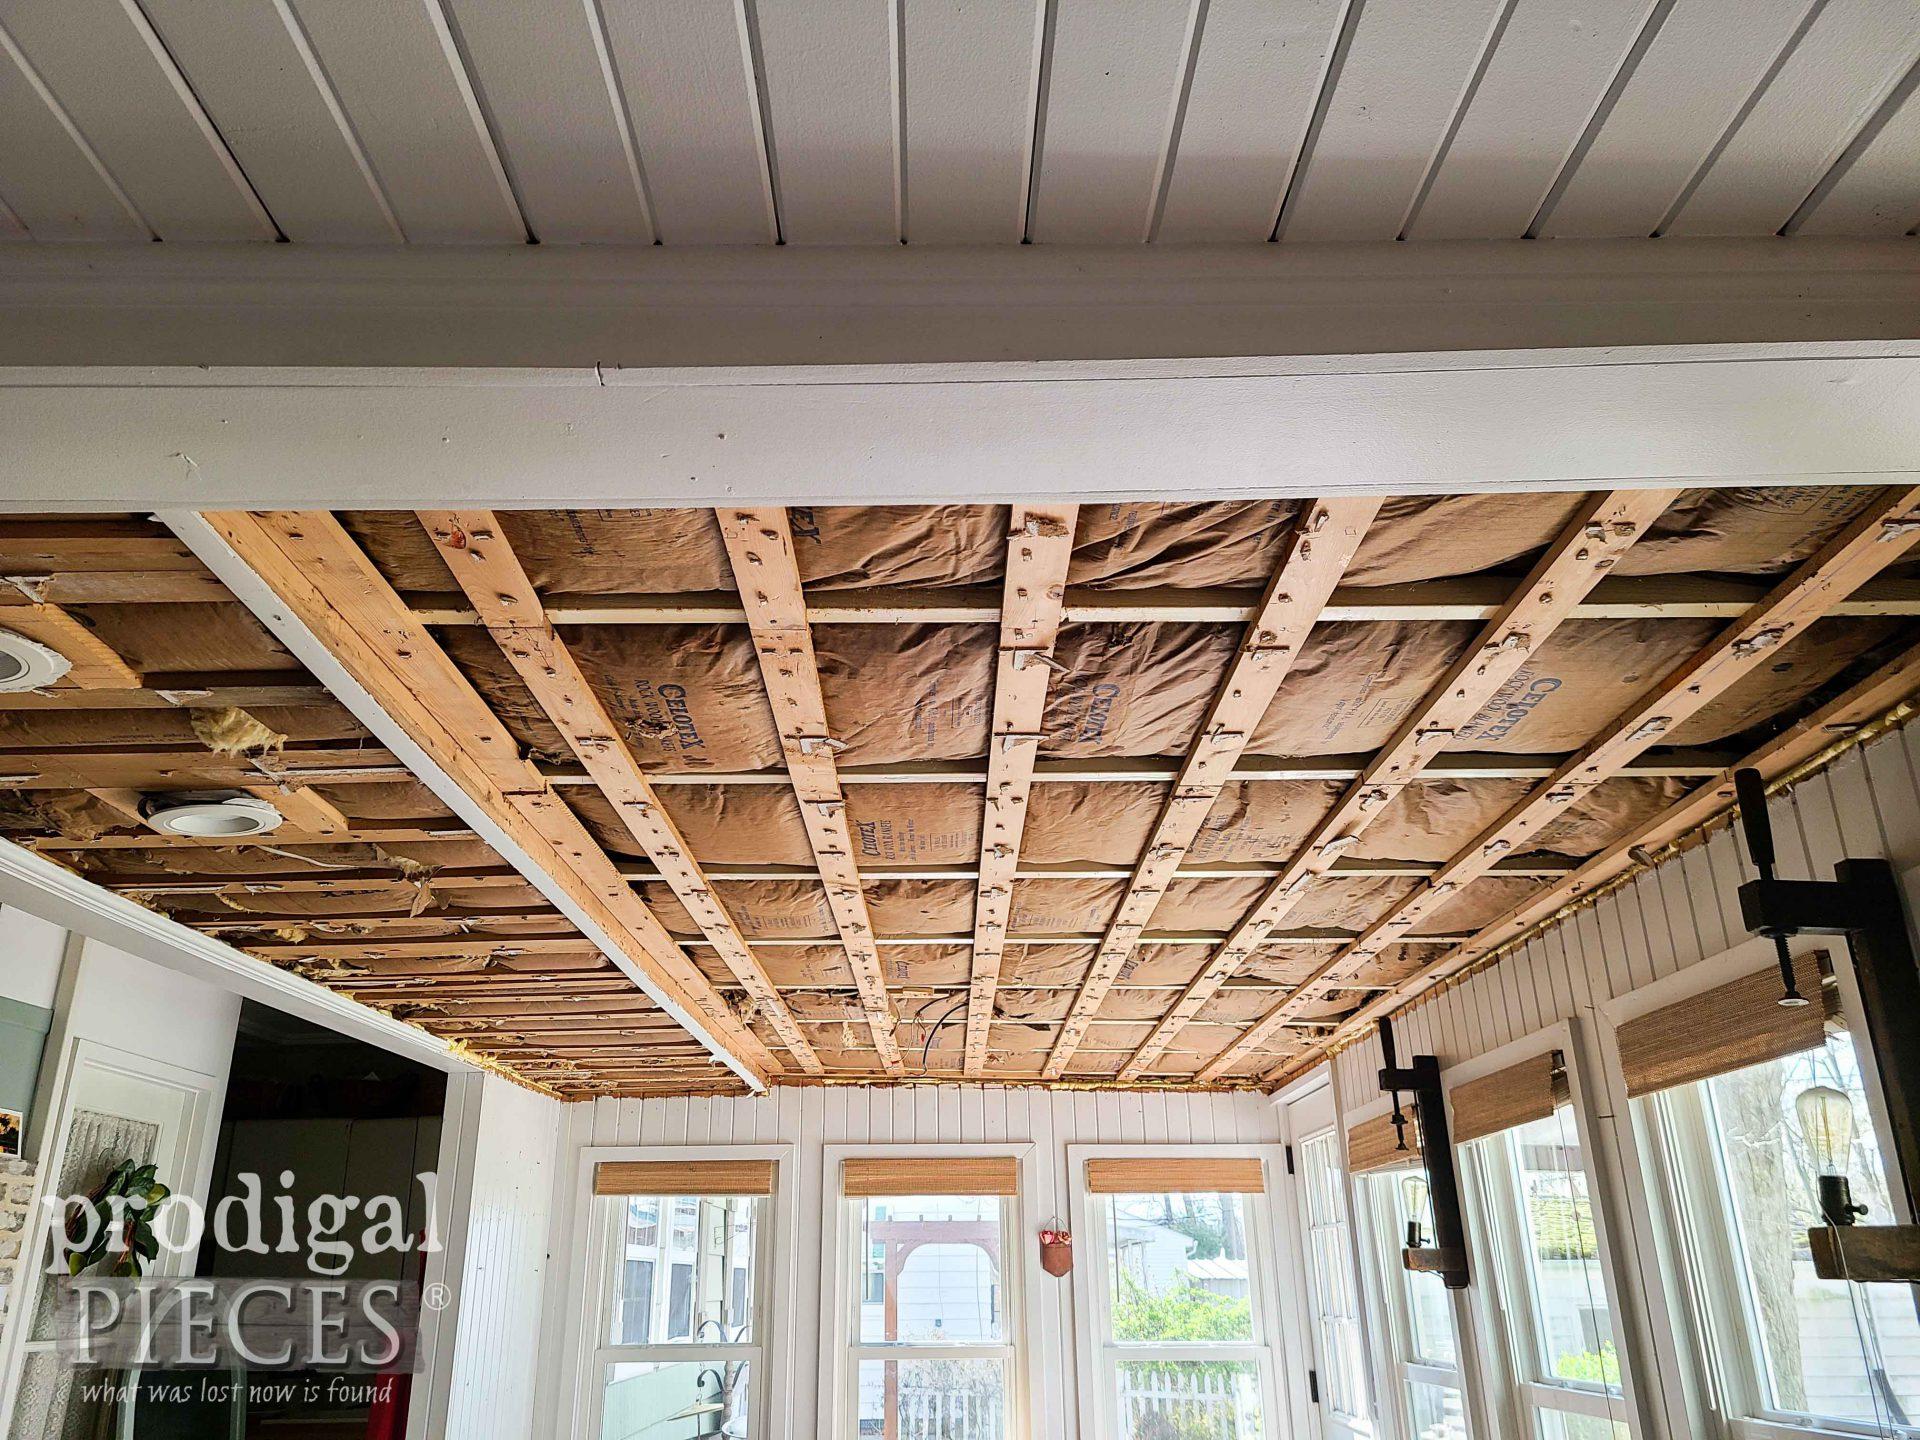 Dining Room Ceiling Teardown | prodigalpieces.com